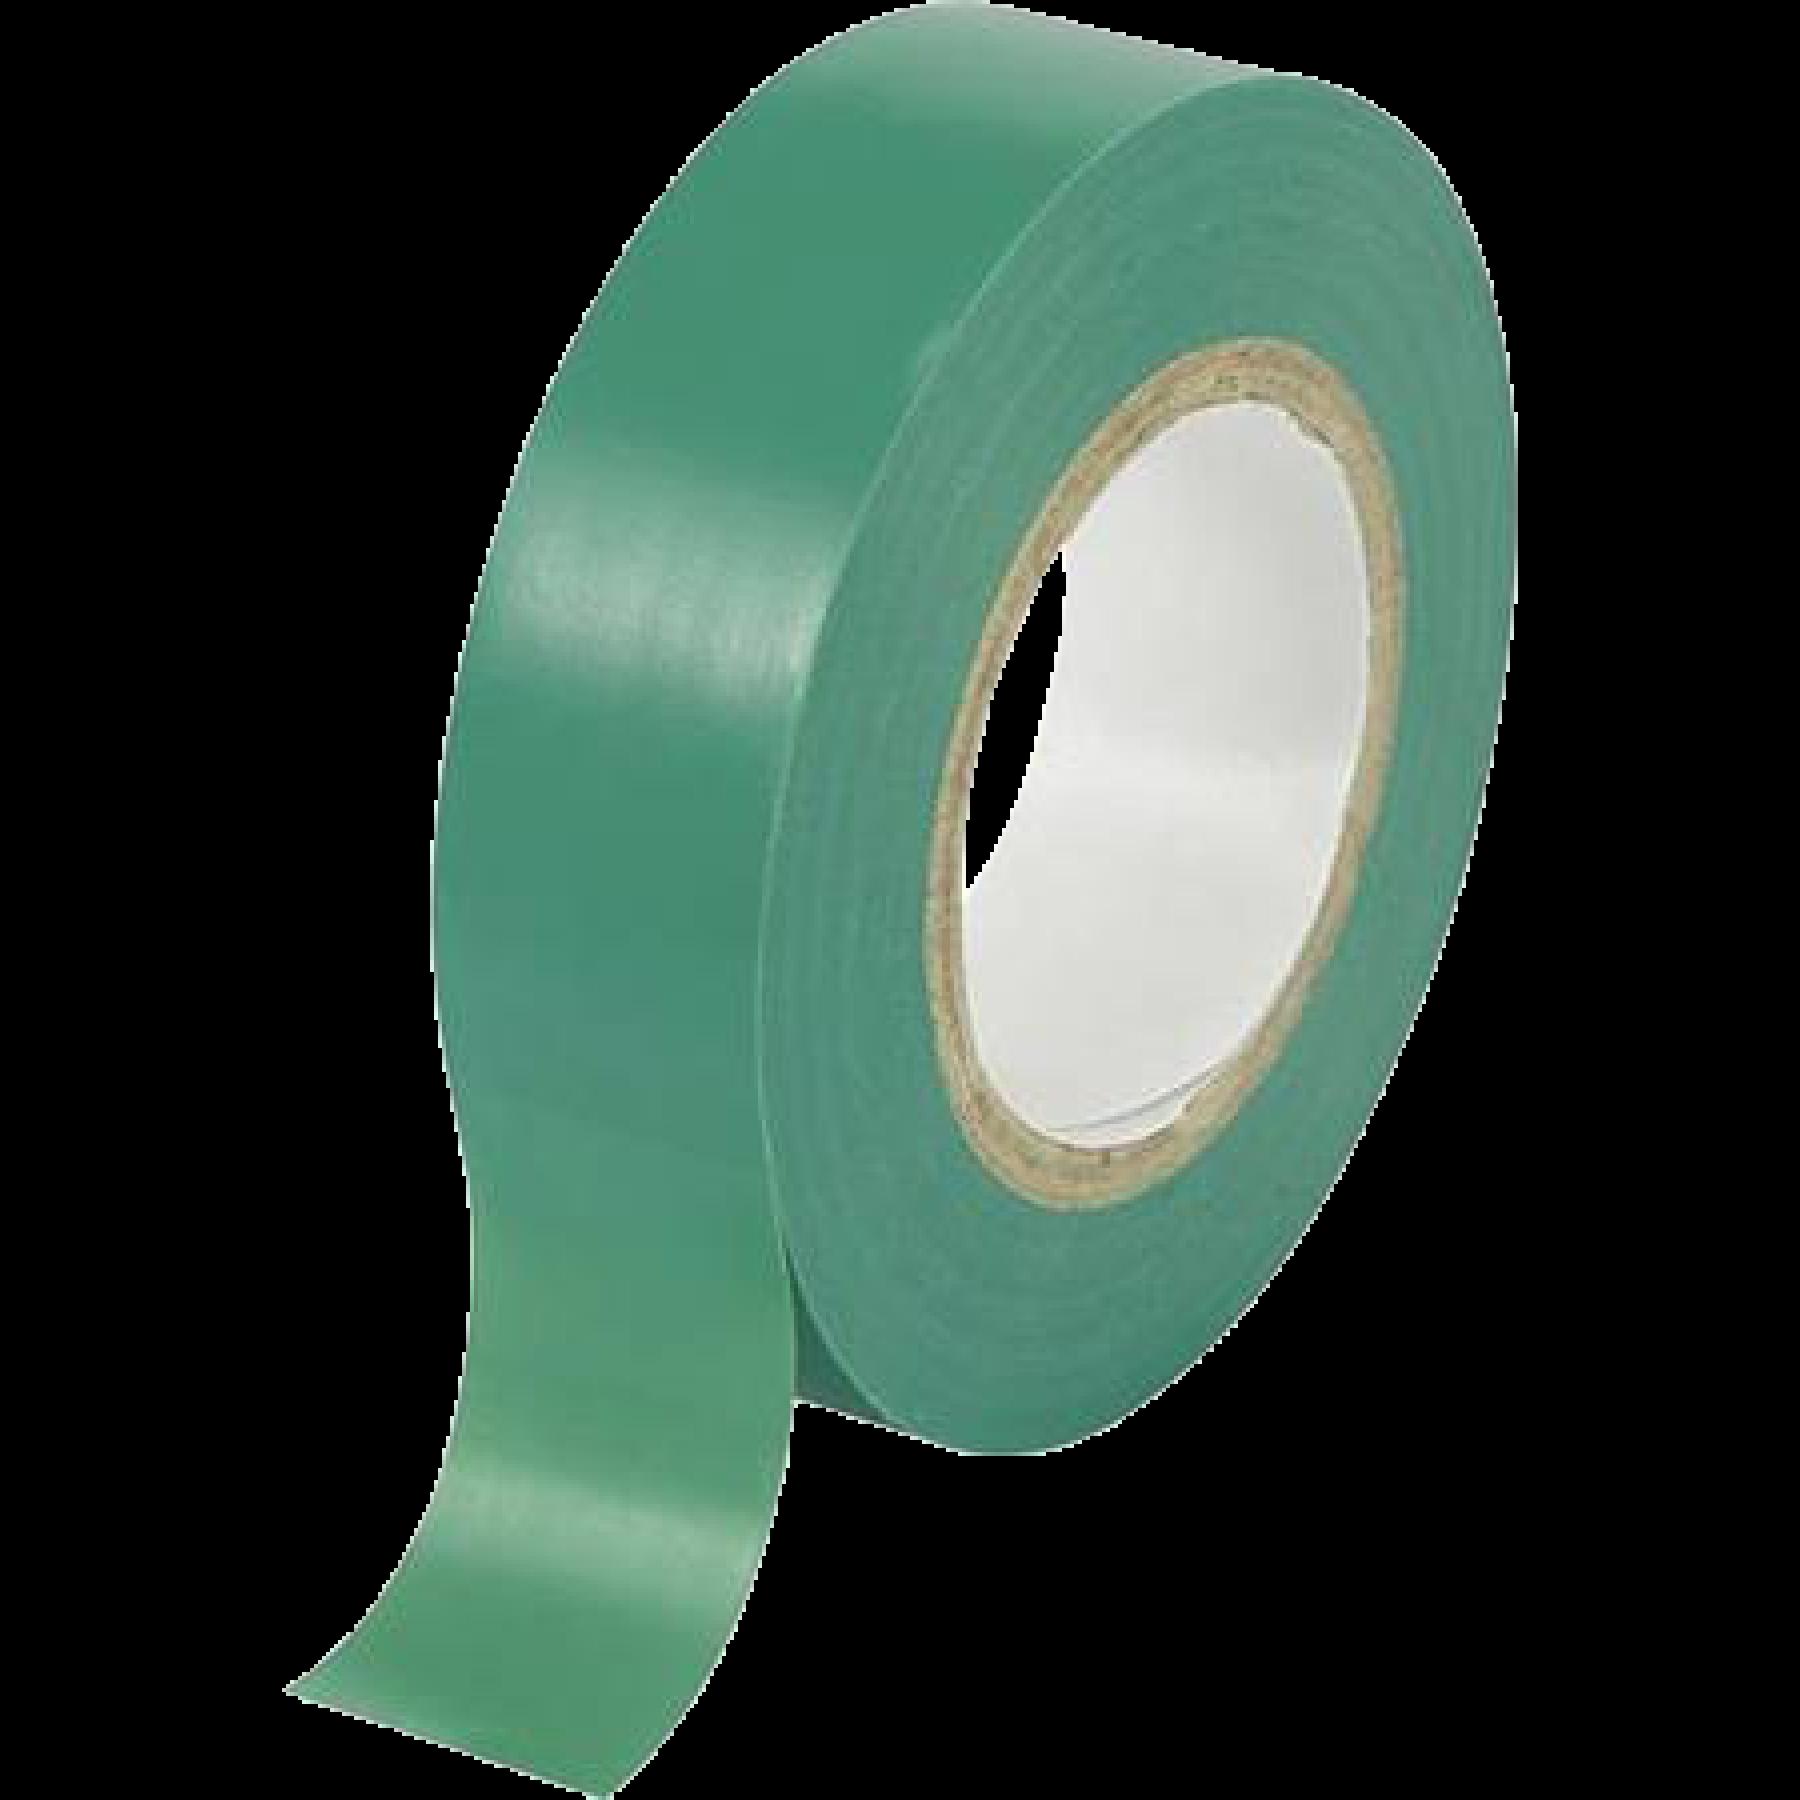 Isolatie tape groen